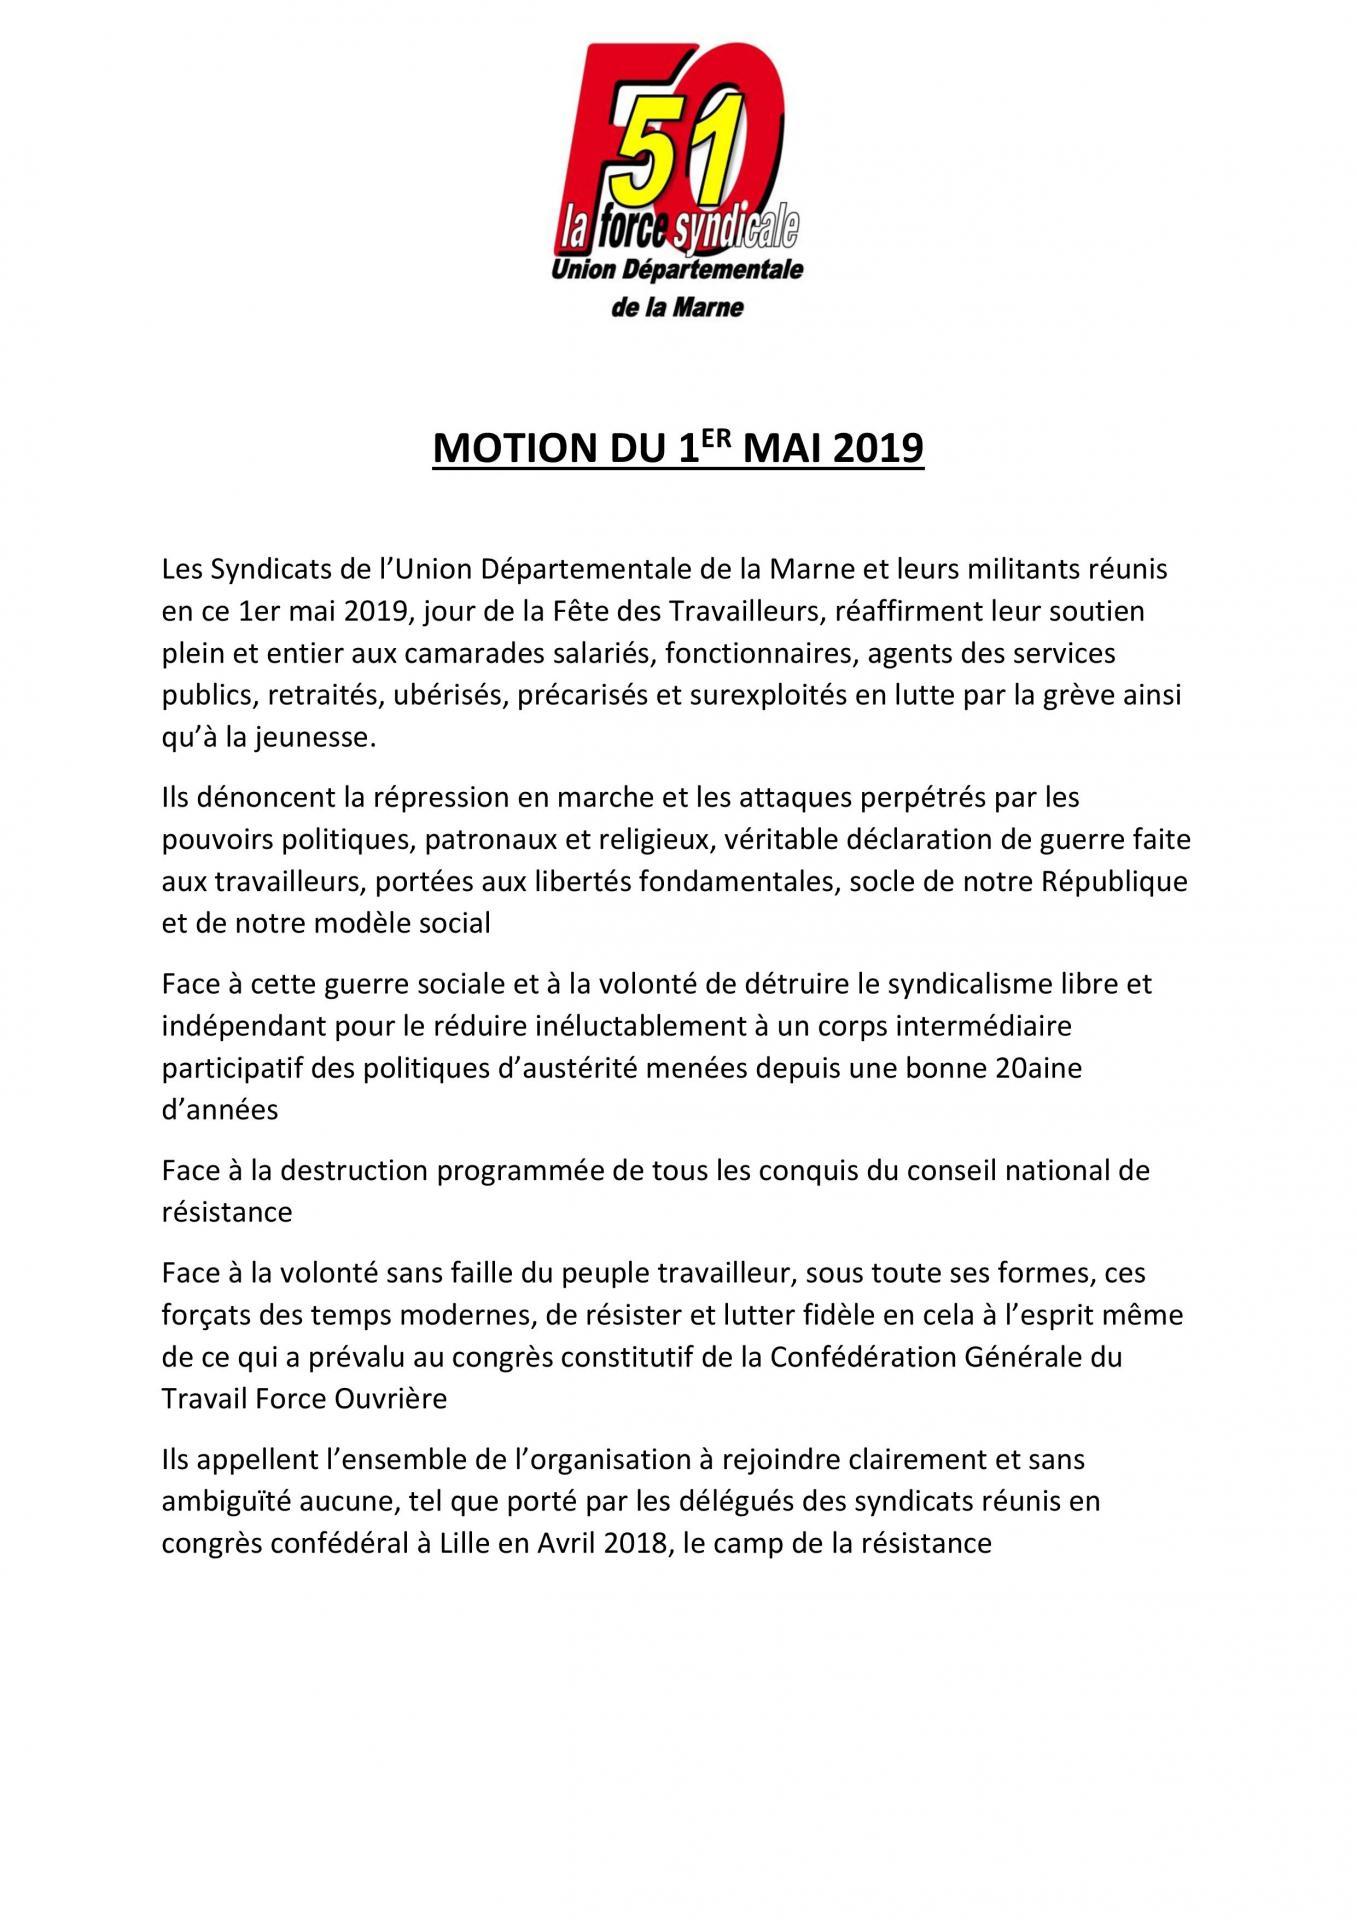 6a234679944 Motion du 1er mai 2019 page 001. Communiqué de presse FO ...